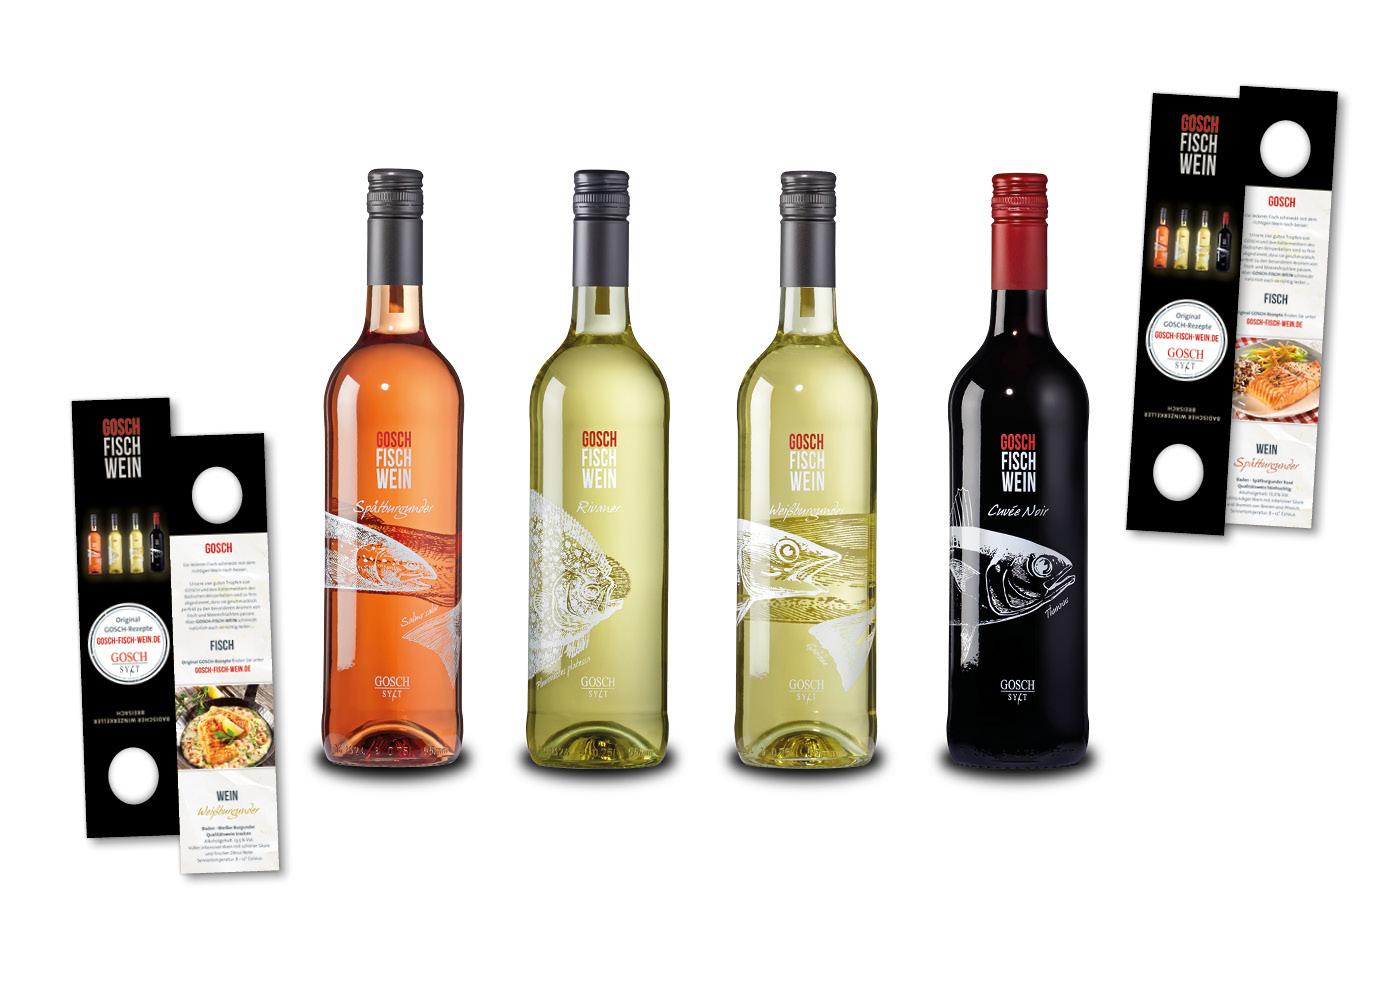 Markenentwicklung GOSCH-FISCH-WEINE: Flaschenhänger